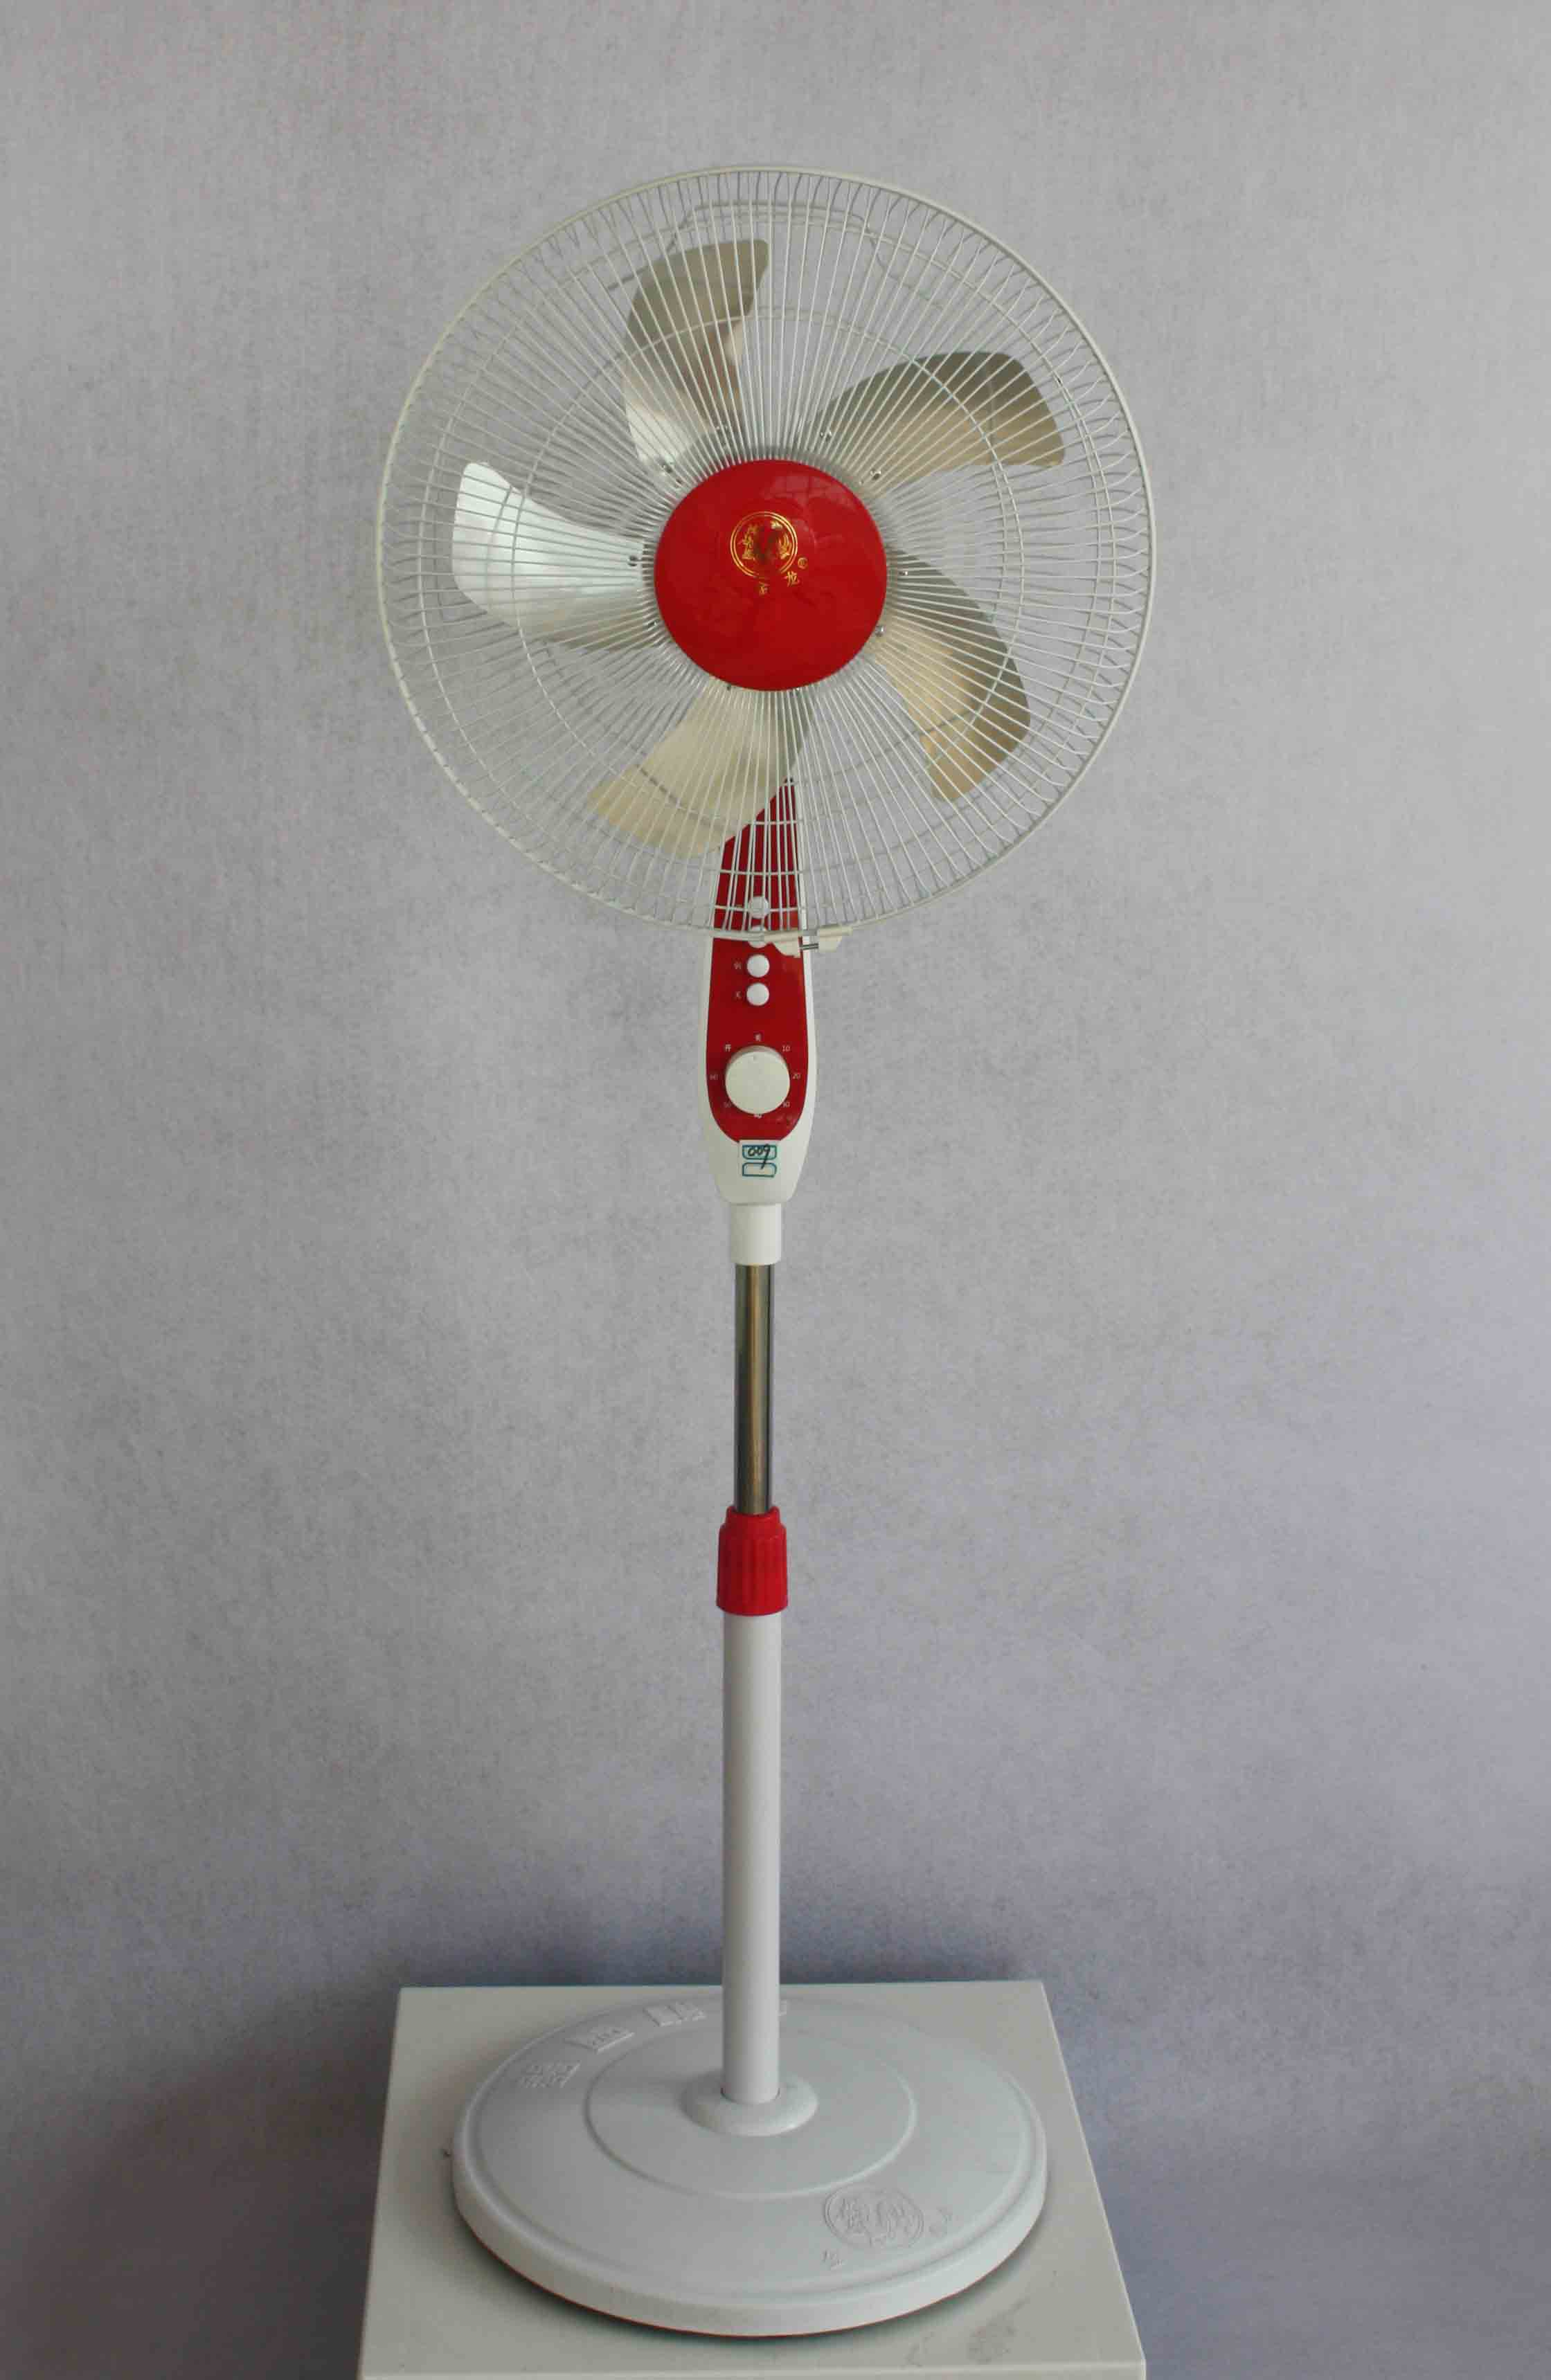 金龙电器厂家教您选购电暖器的方法